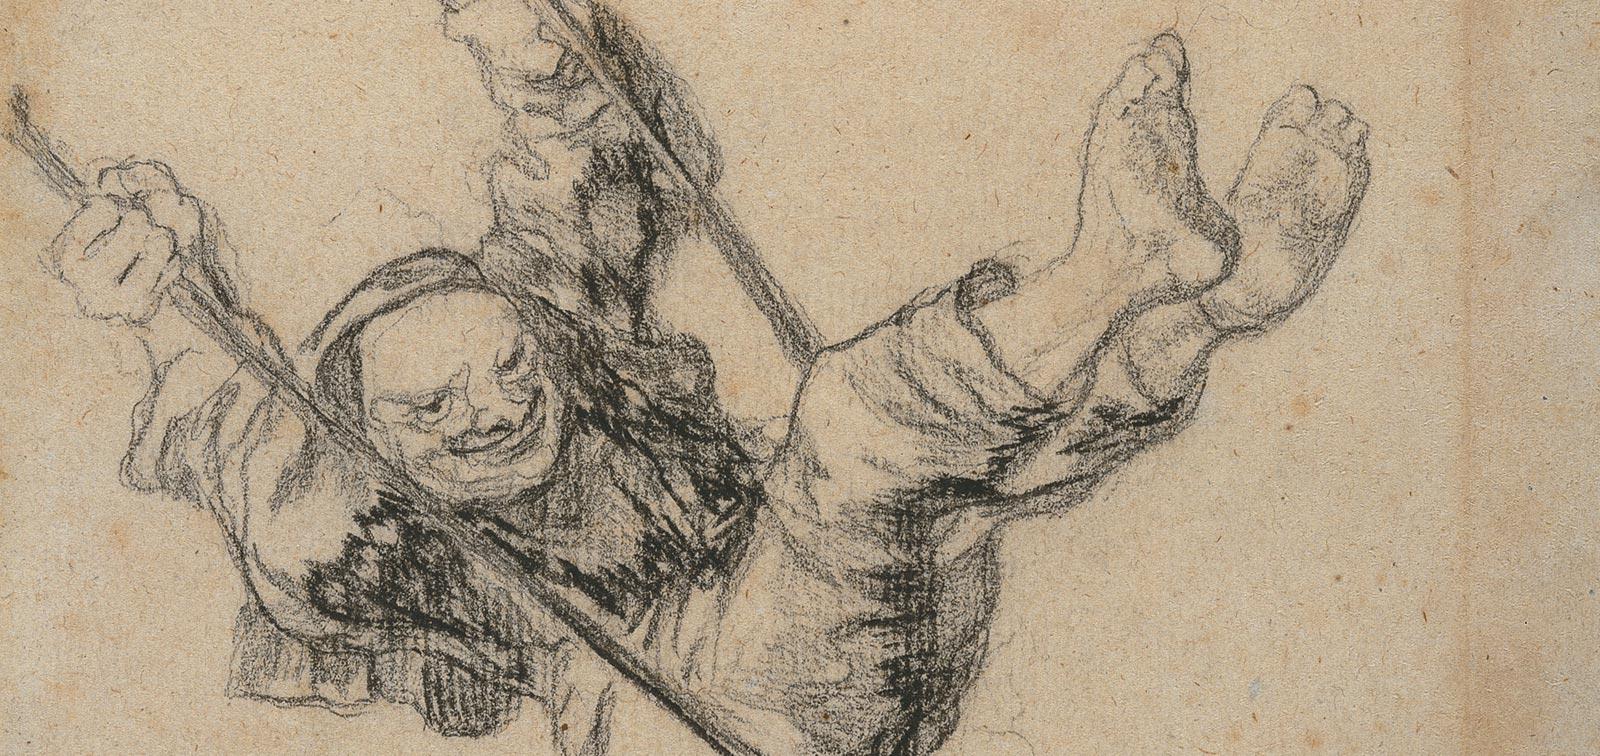 Dibujos españoles en la Hispanic Society of America